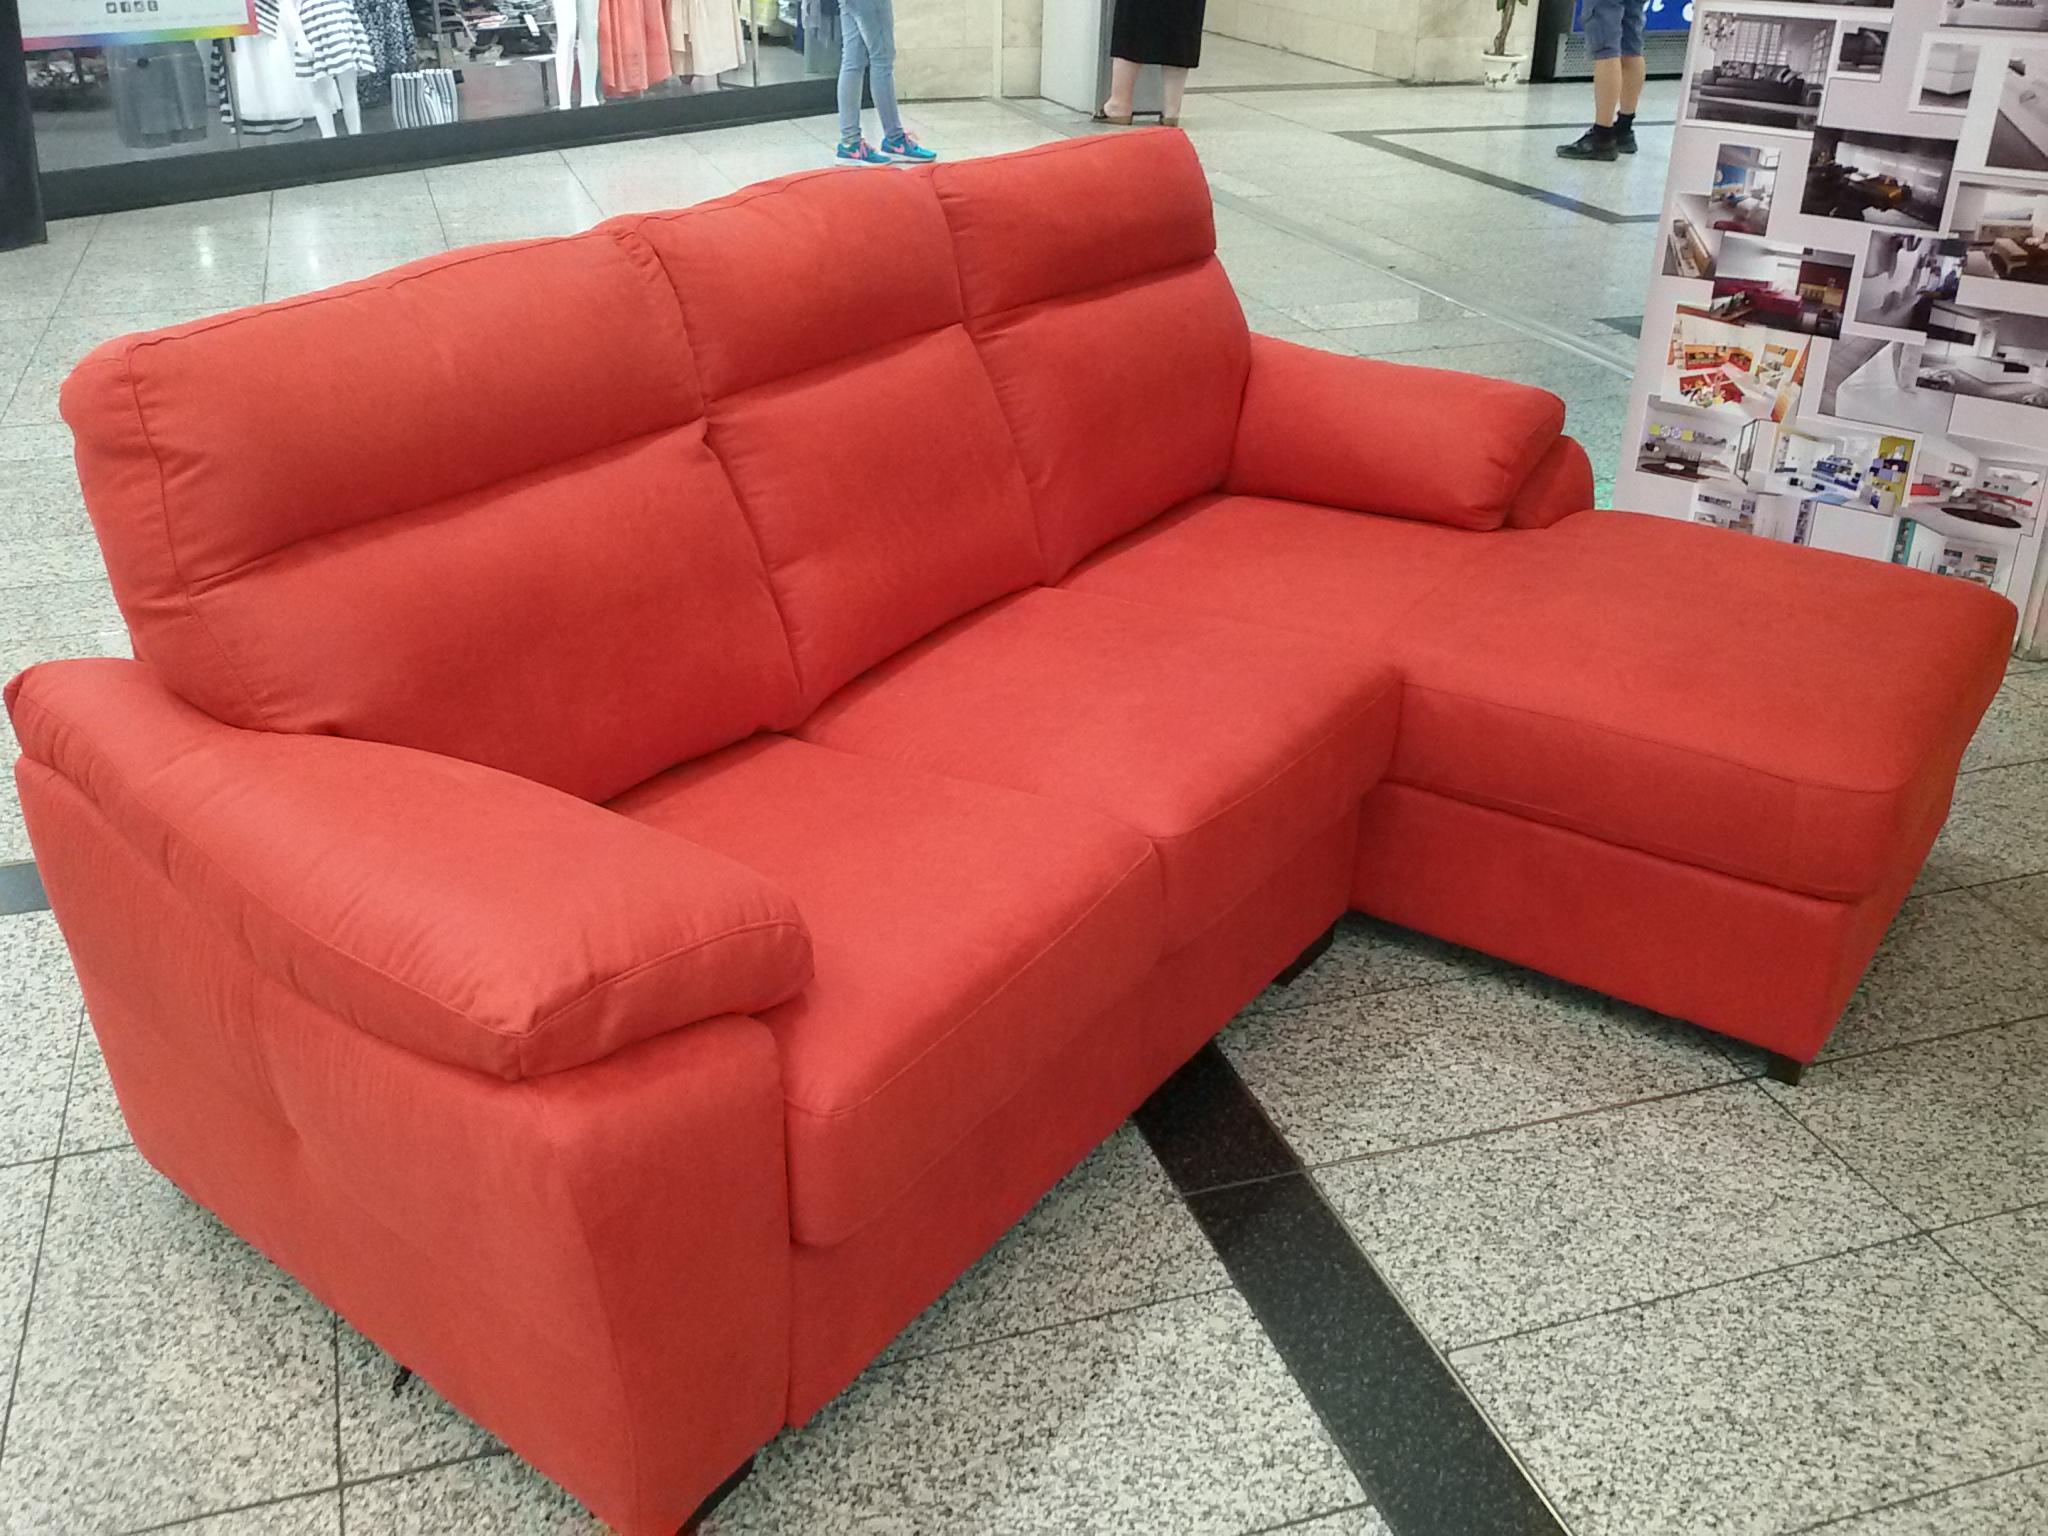 Arredo casa oristano divano con penisola spazio casa - Foderare un divano da soli ...